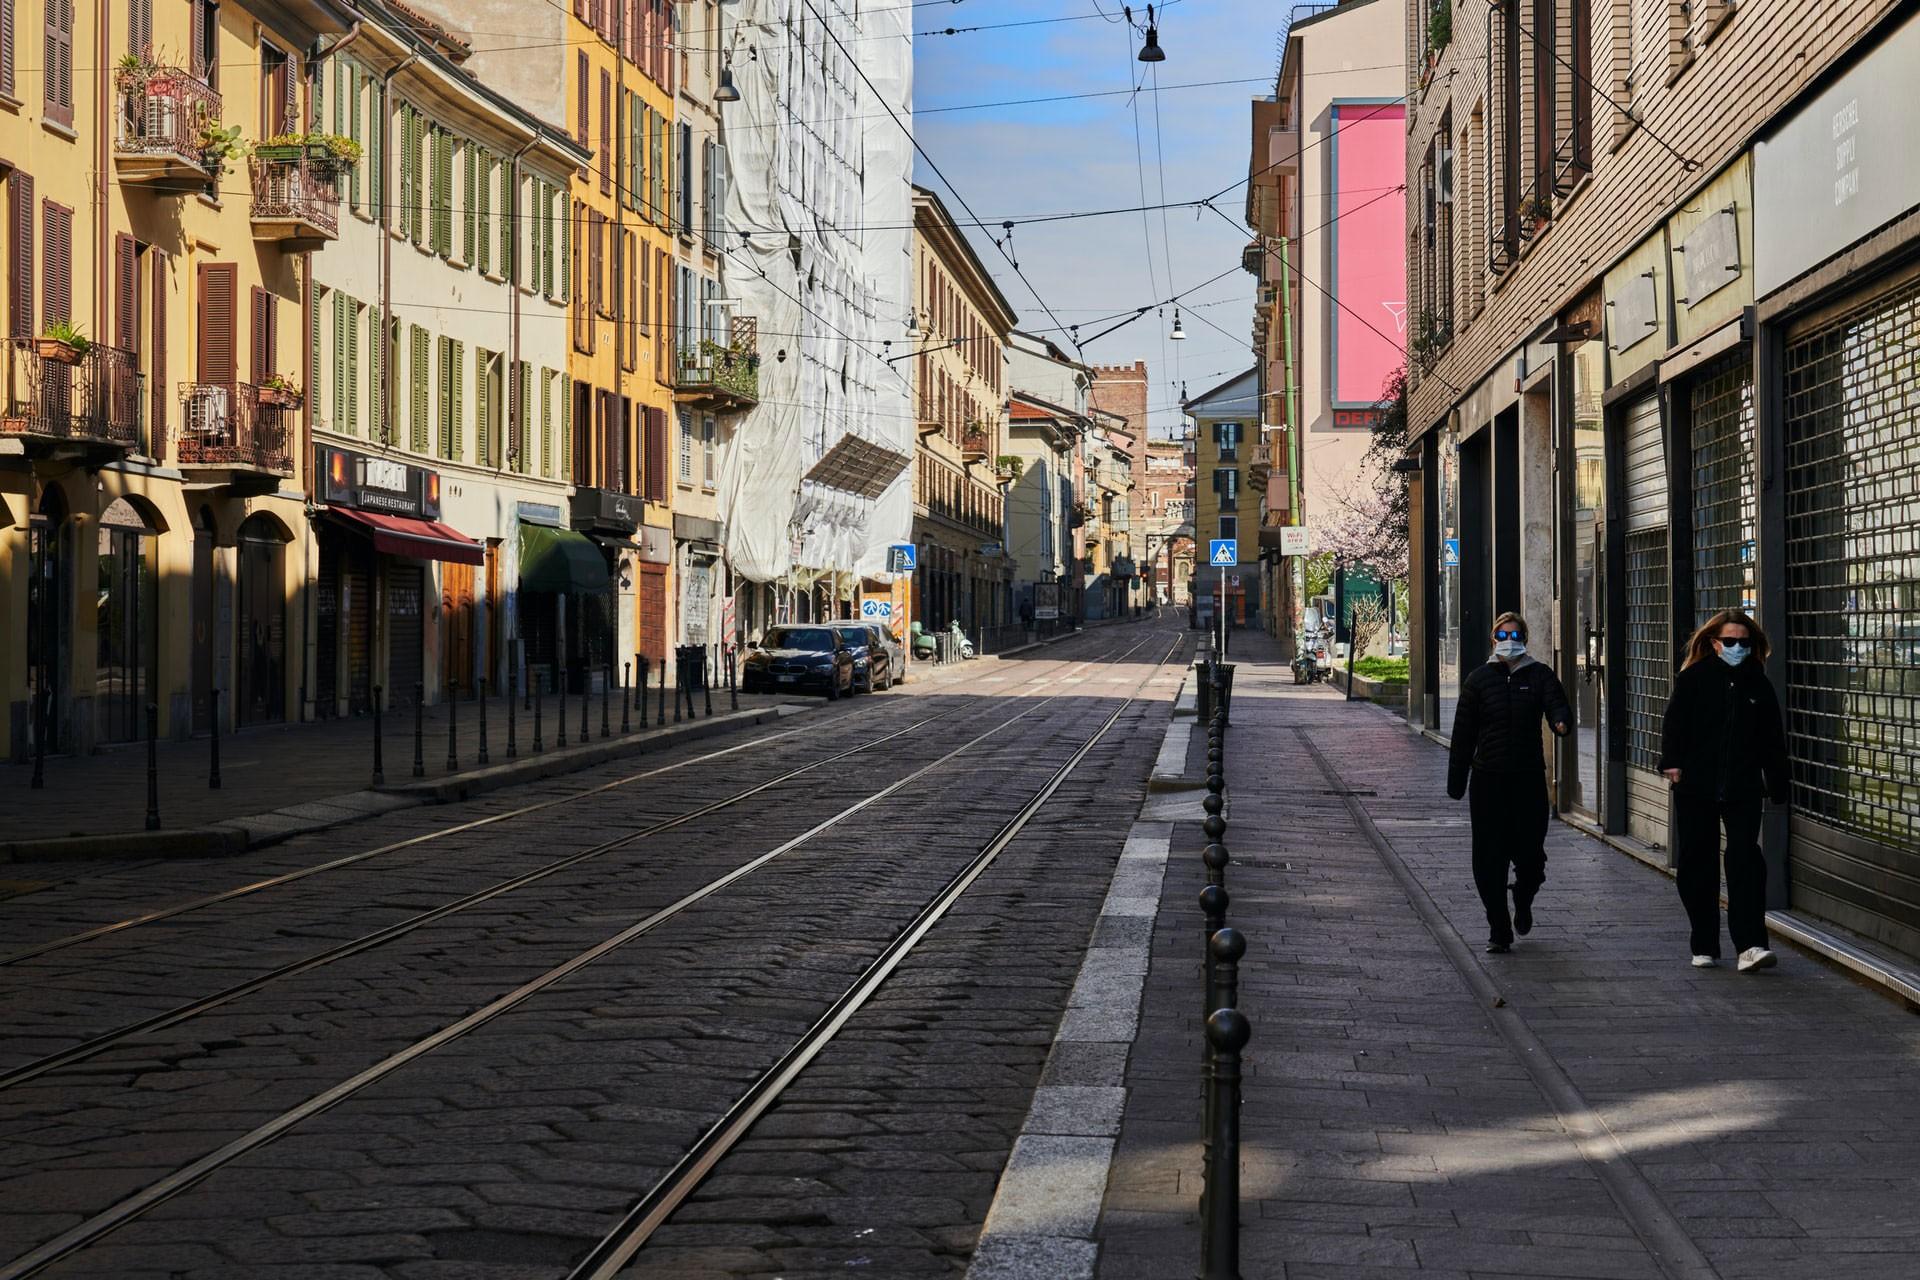 İtalya'da son 24 saatte korona virüs nedeniyle  634 kişi hayatını kaybetti